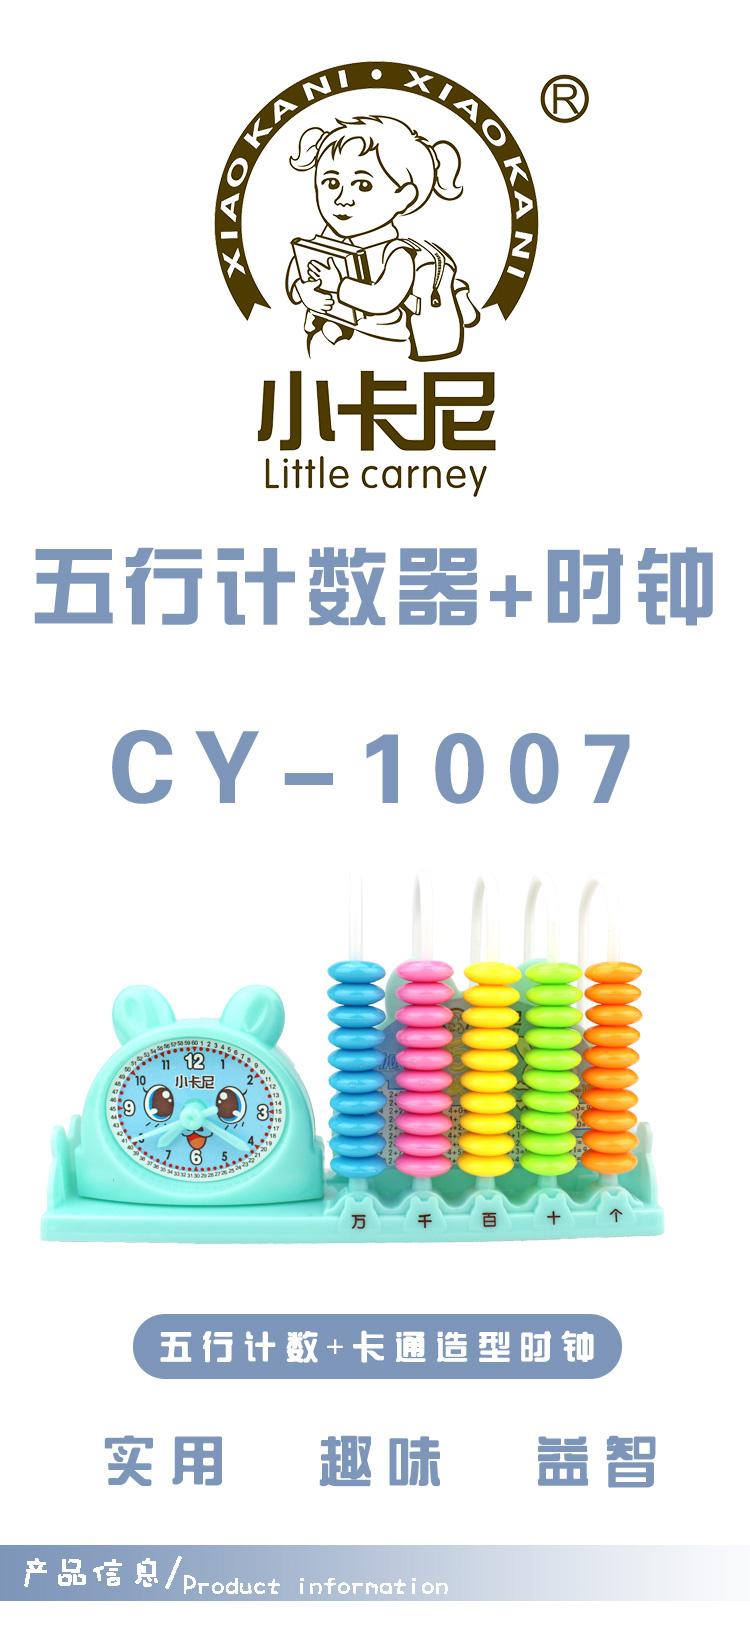 CY-1007_01.jpg